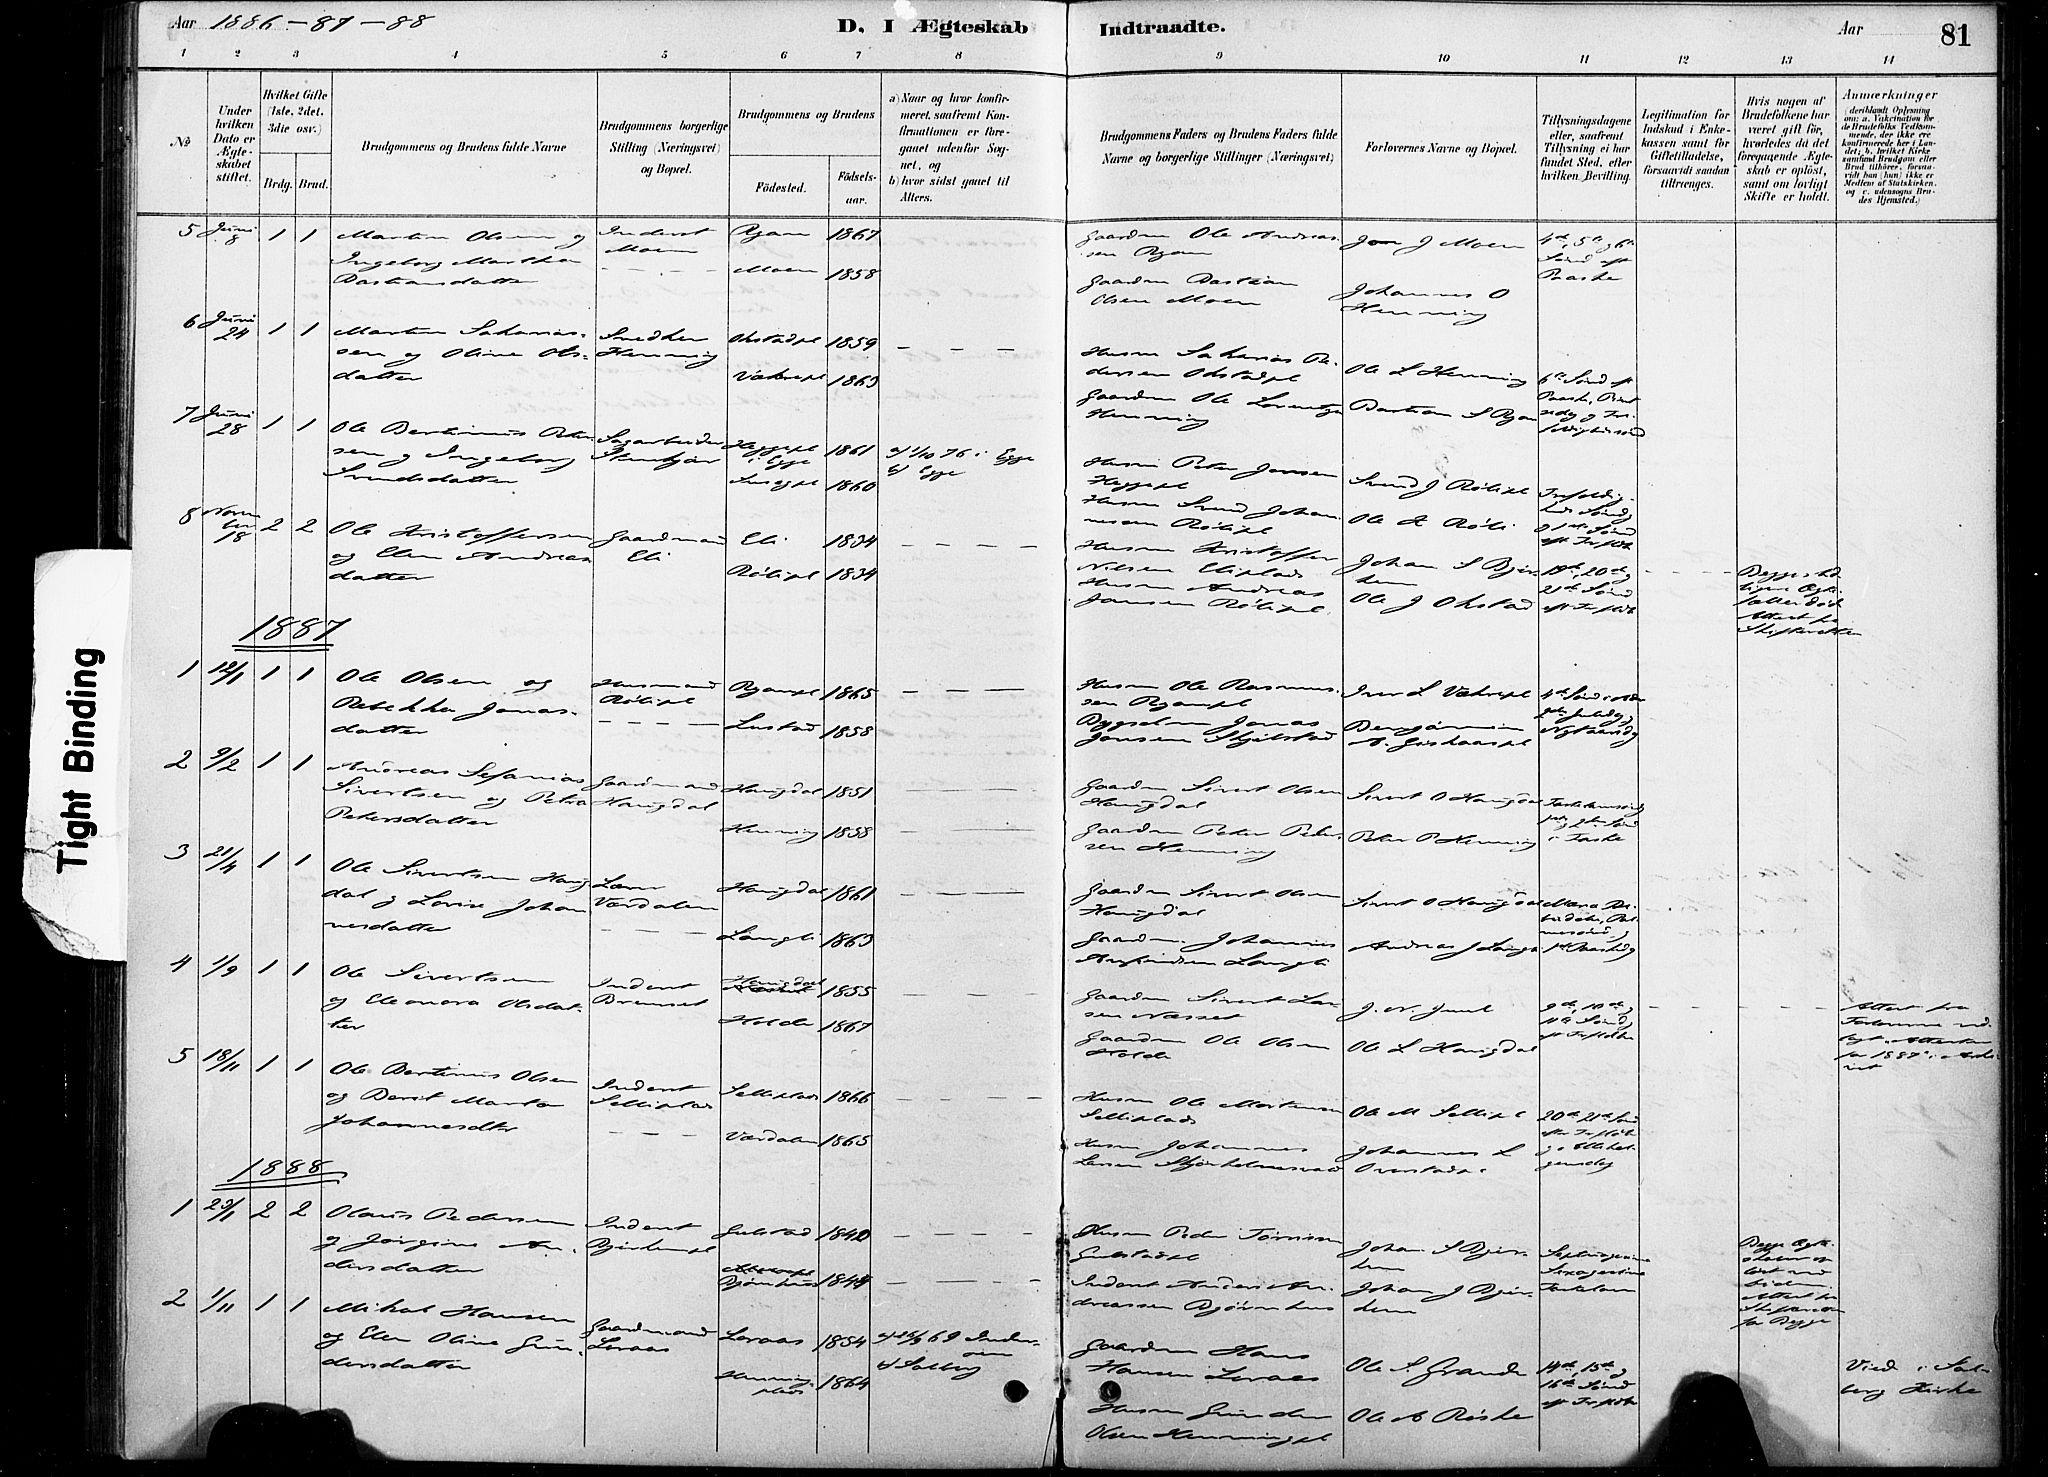 SAT, Ministerialprotokoller, klokkerbøker og fødselsregistre - Nord-Trøndelag, 738/L0364: Ministerialbok nr. 738A01, 1884-1902, s. 81